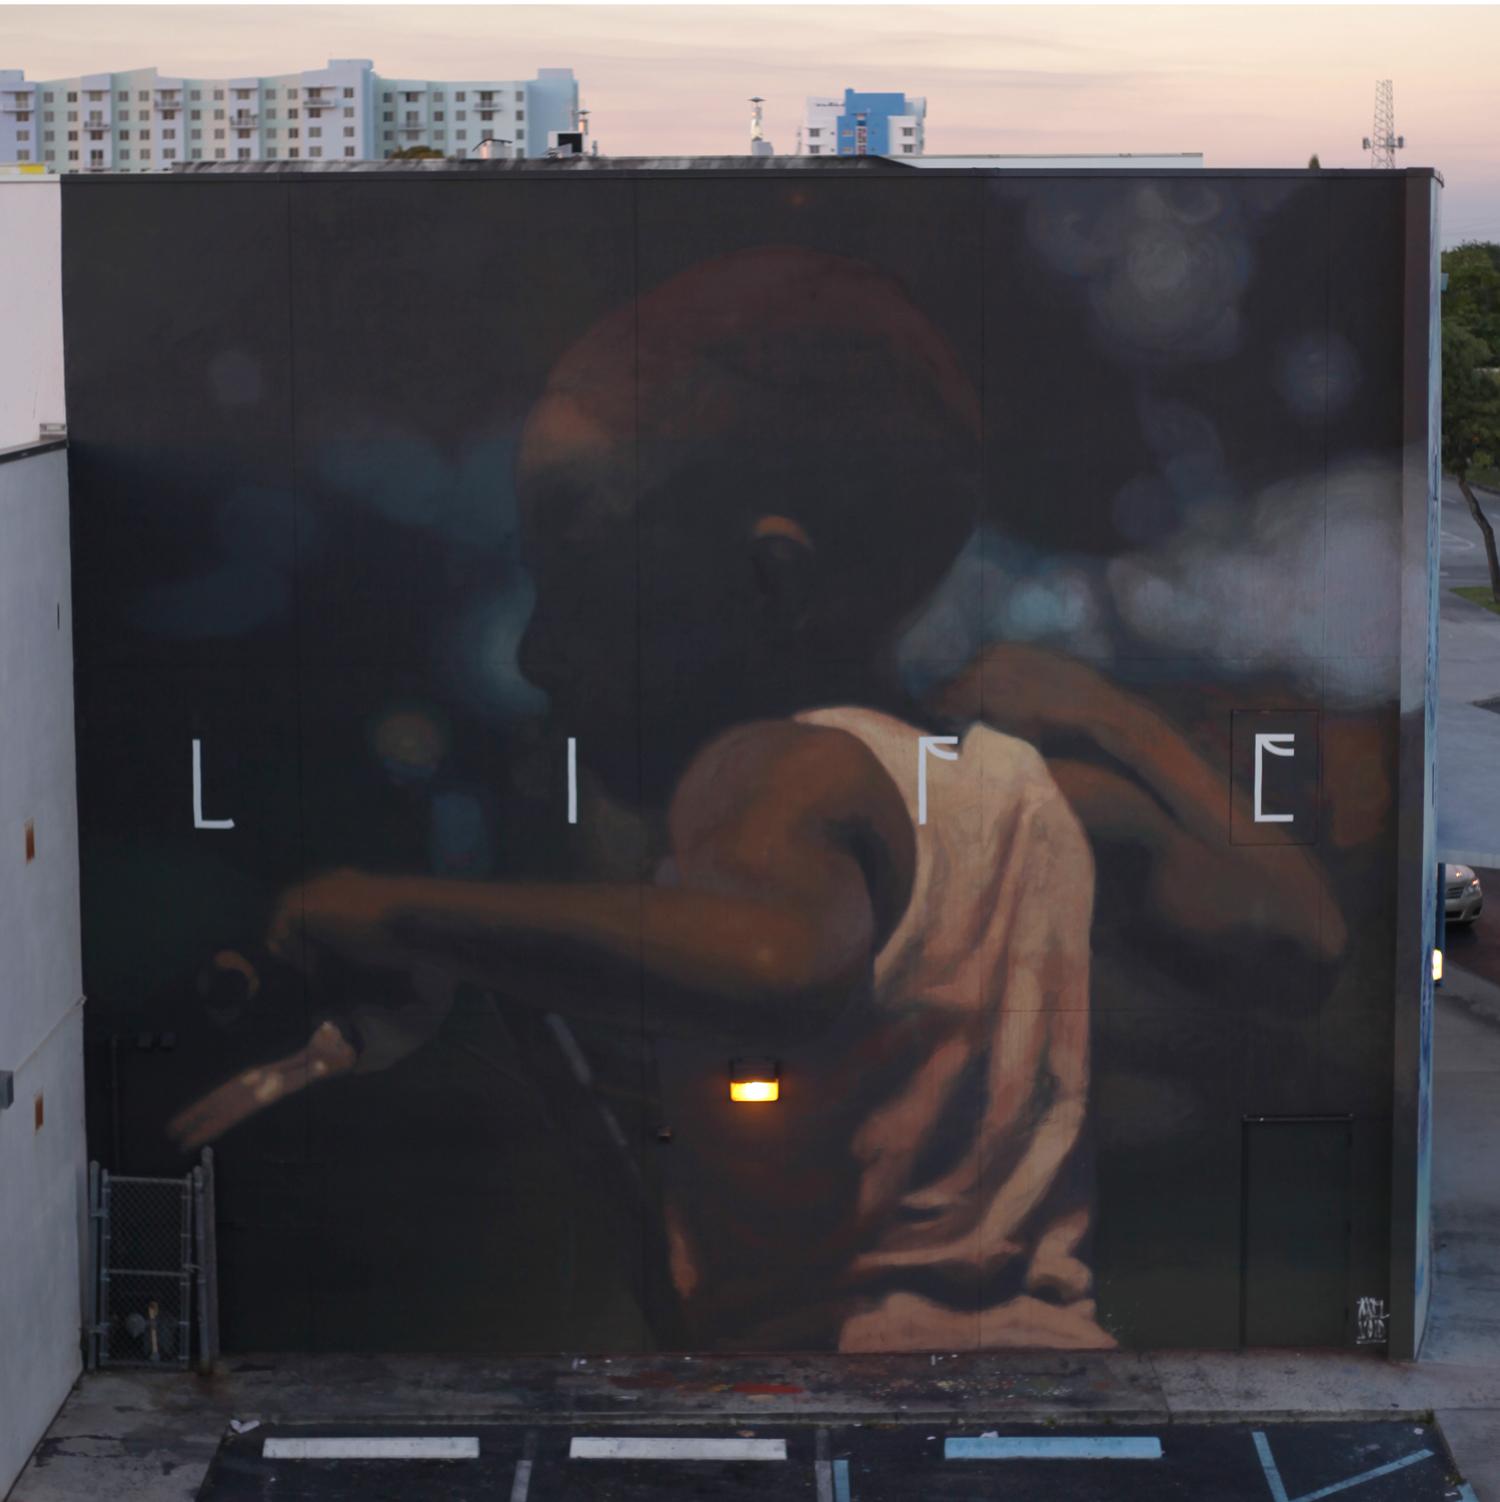 axel-void-new-mural-for-art-basel-2014-02